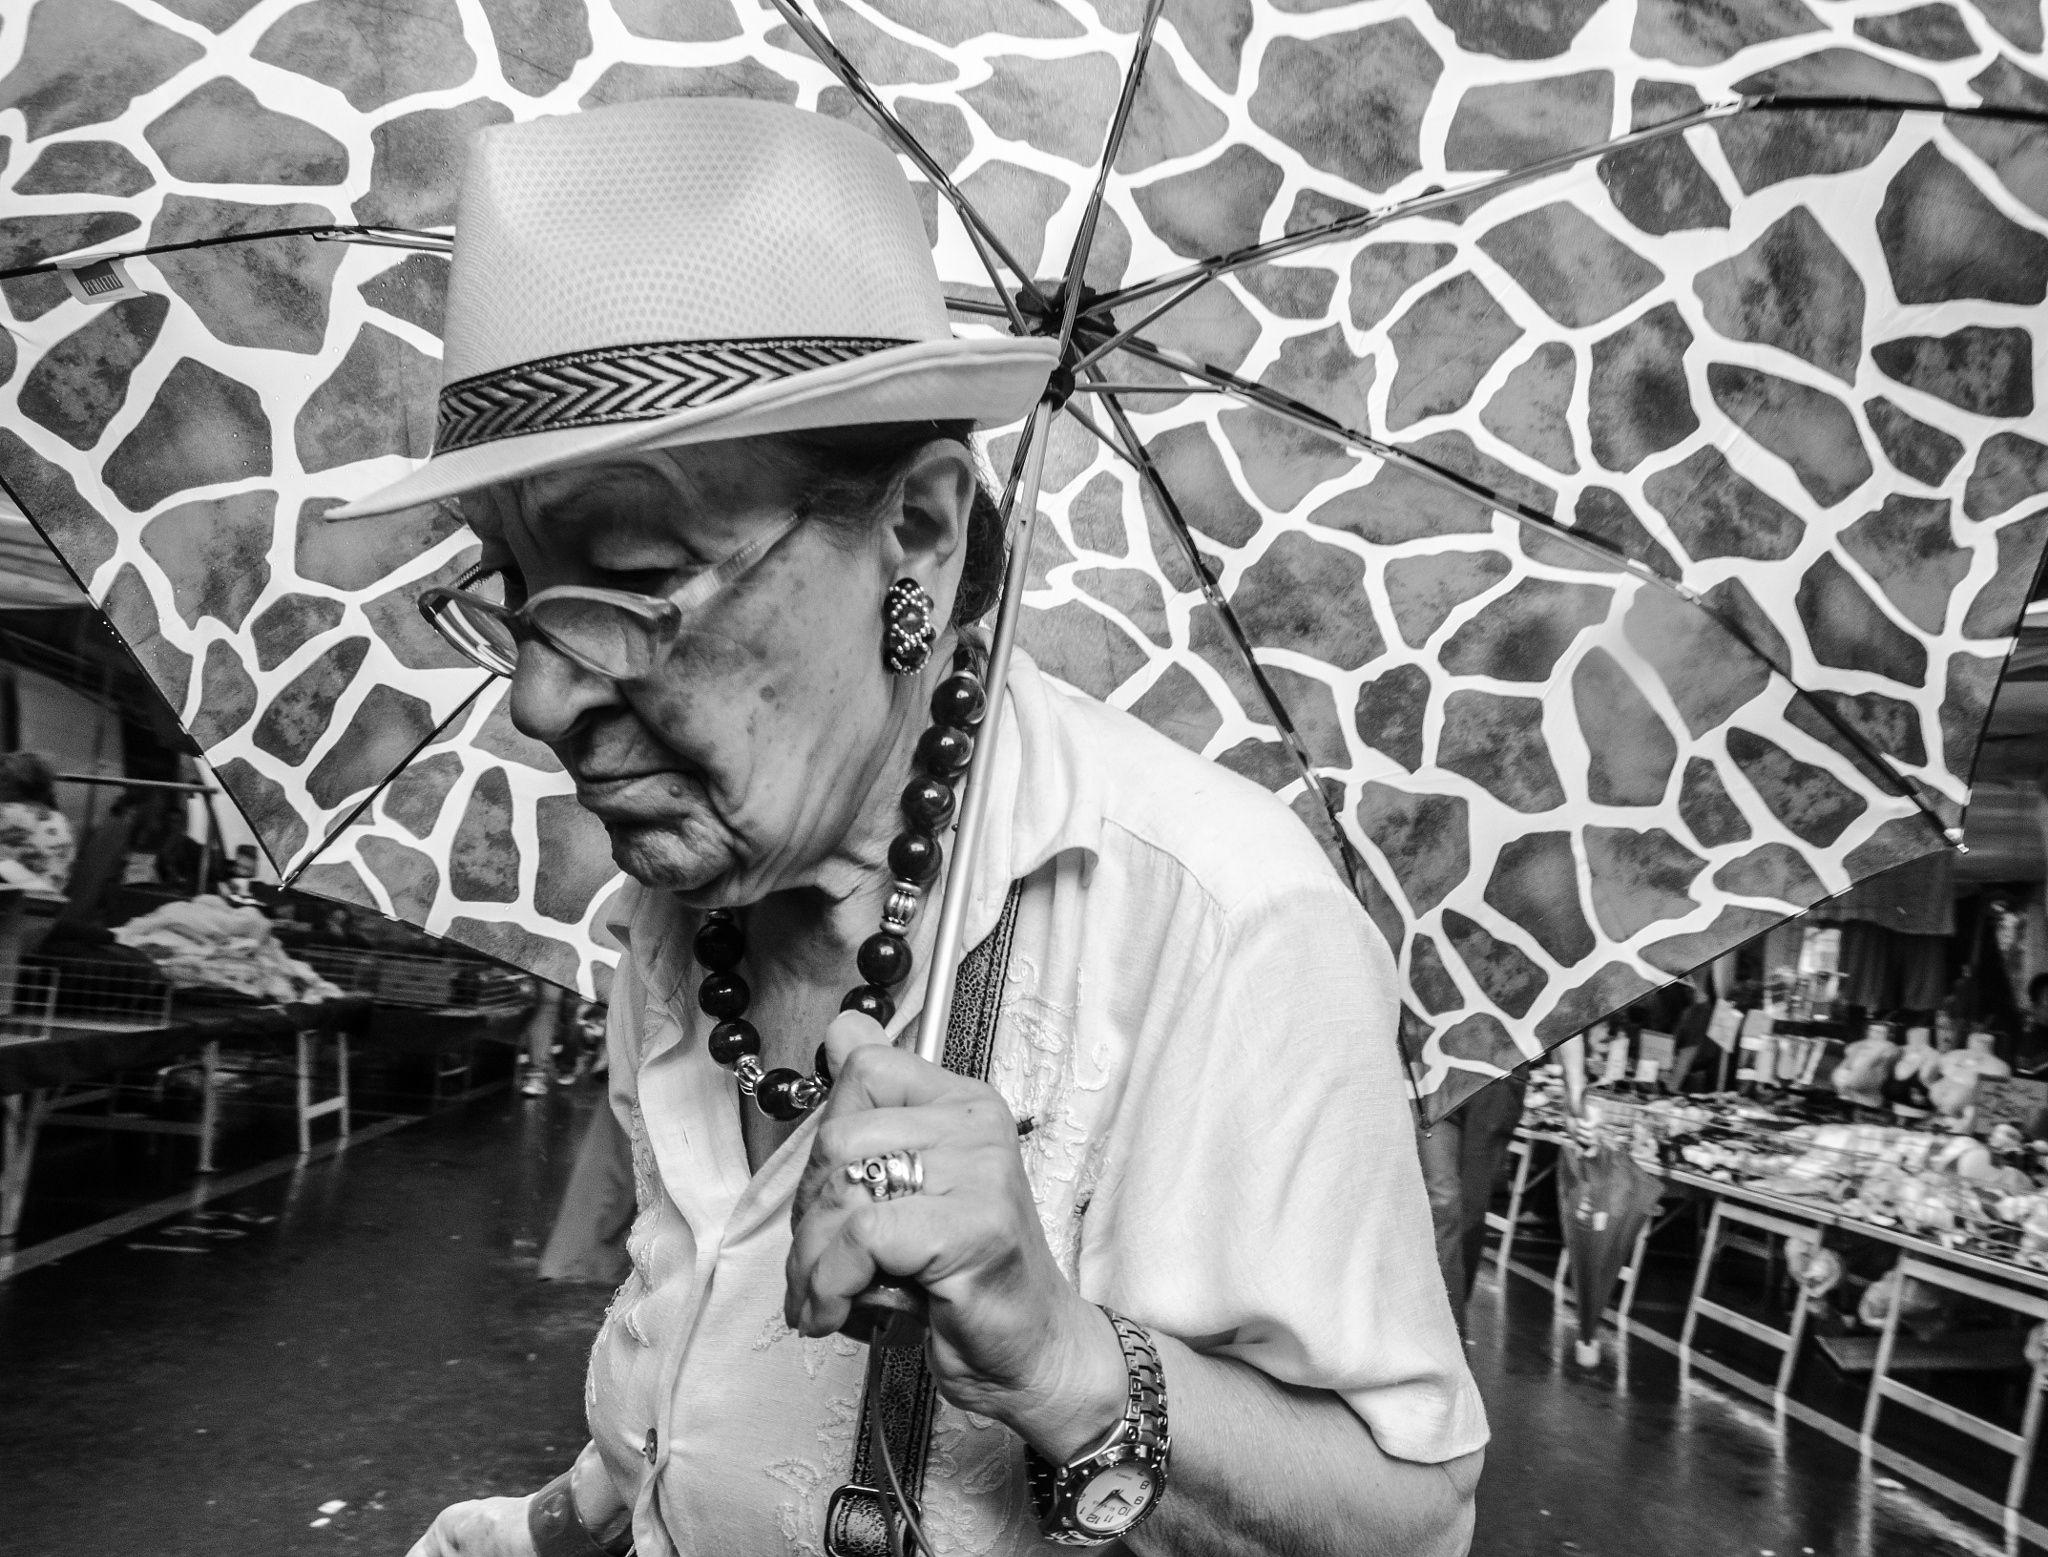 Fotograf The giraffe umbrella von Daniel Hoffmann auf 500px